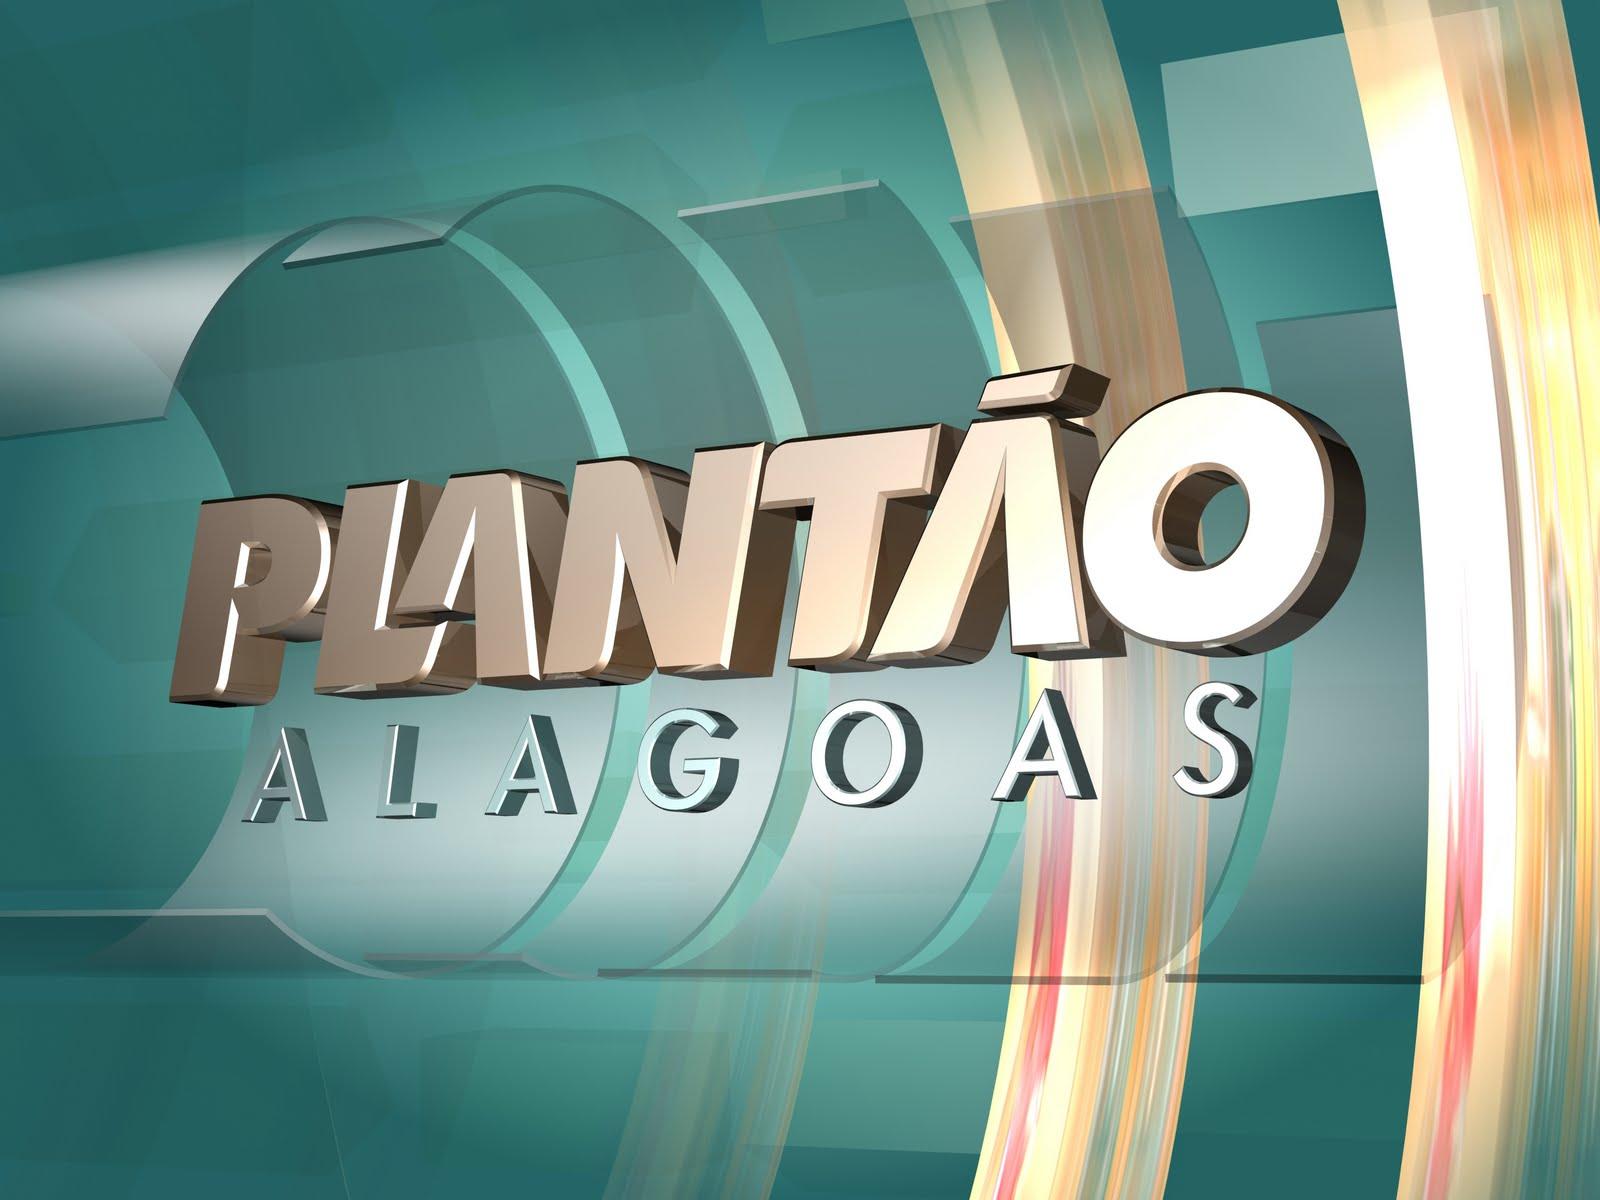 Plantão Alagoas